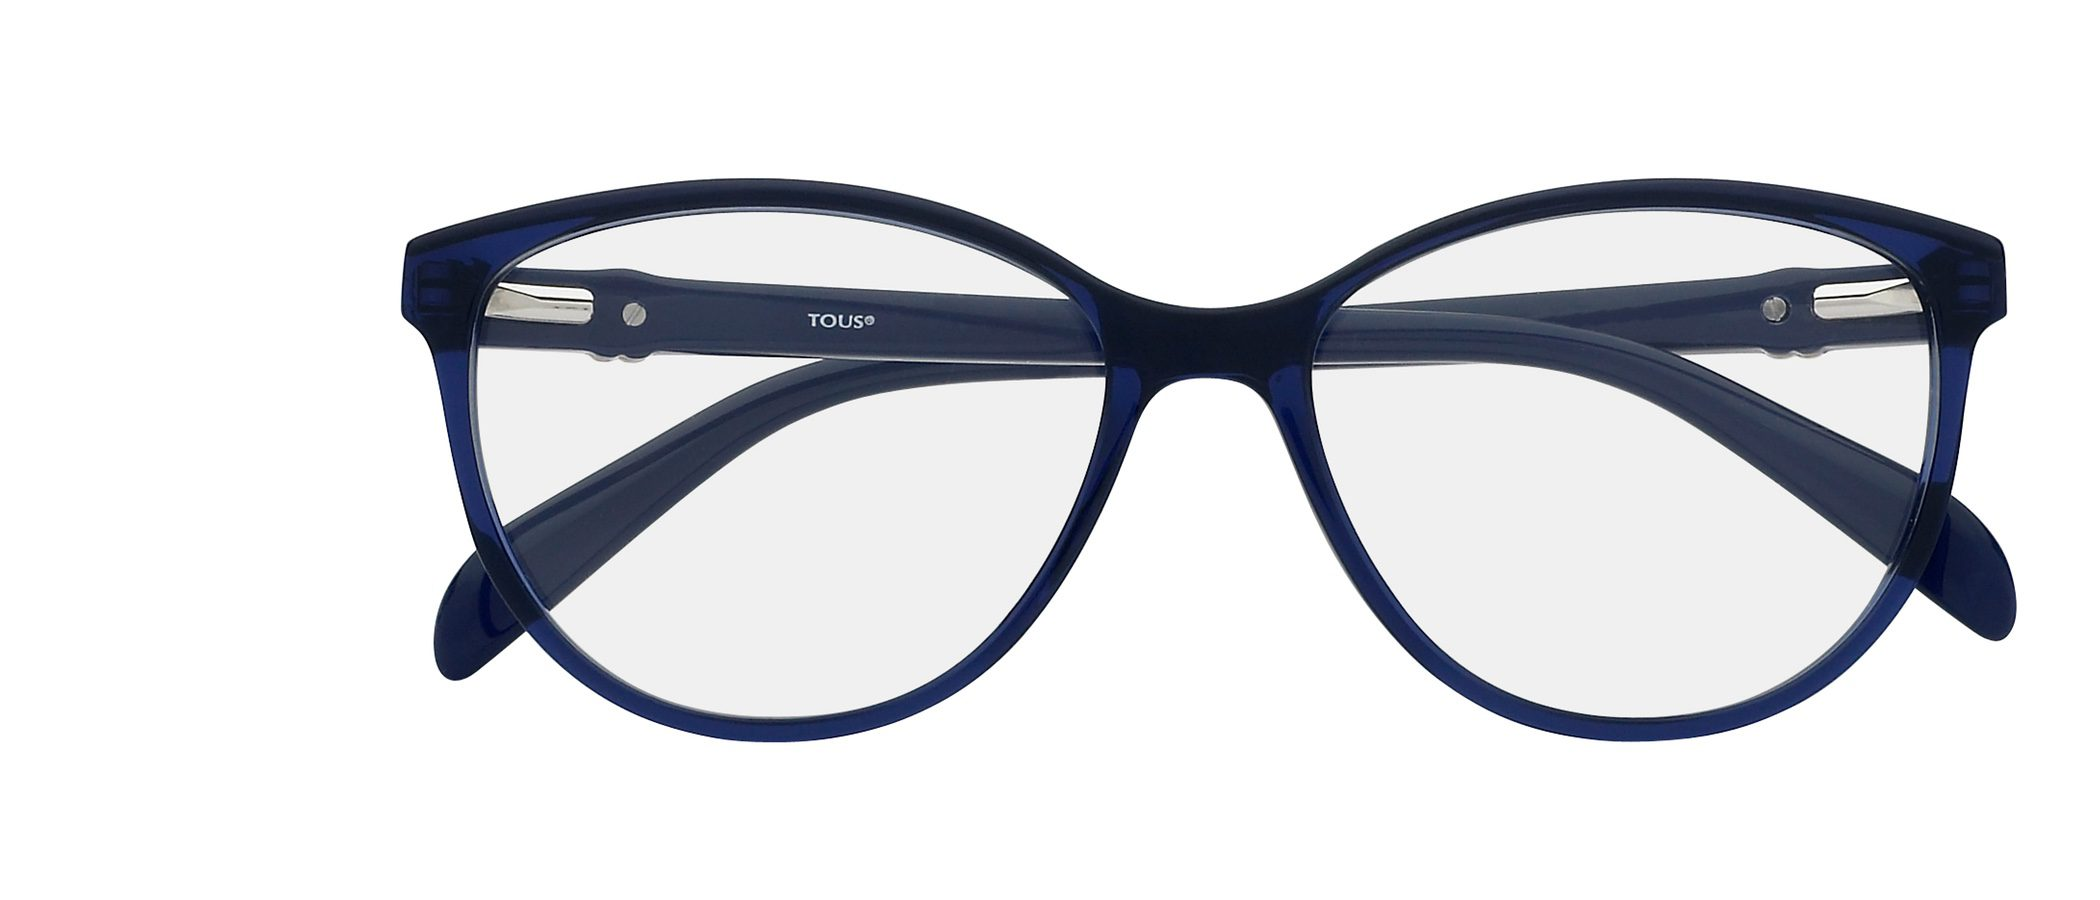 Tous presenta su nuevo modelo de gafas de ver jugando con transparencias y color